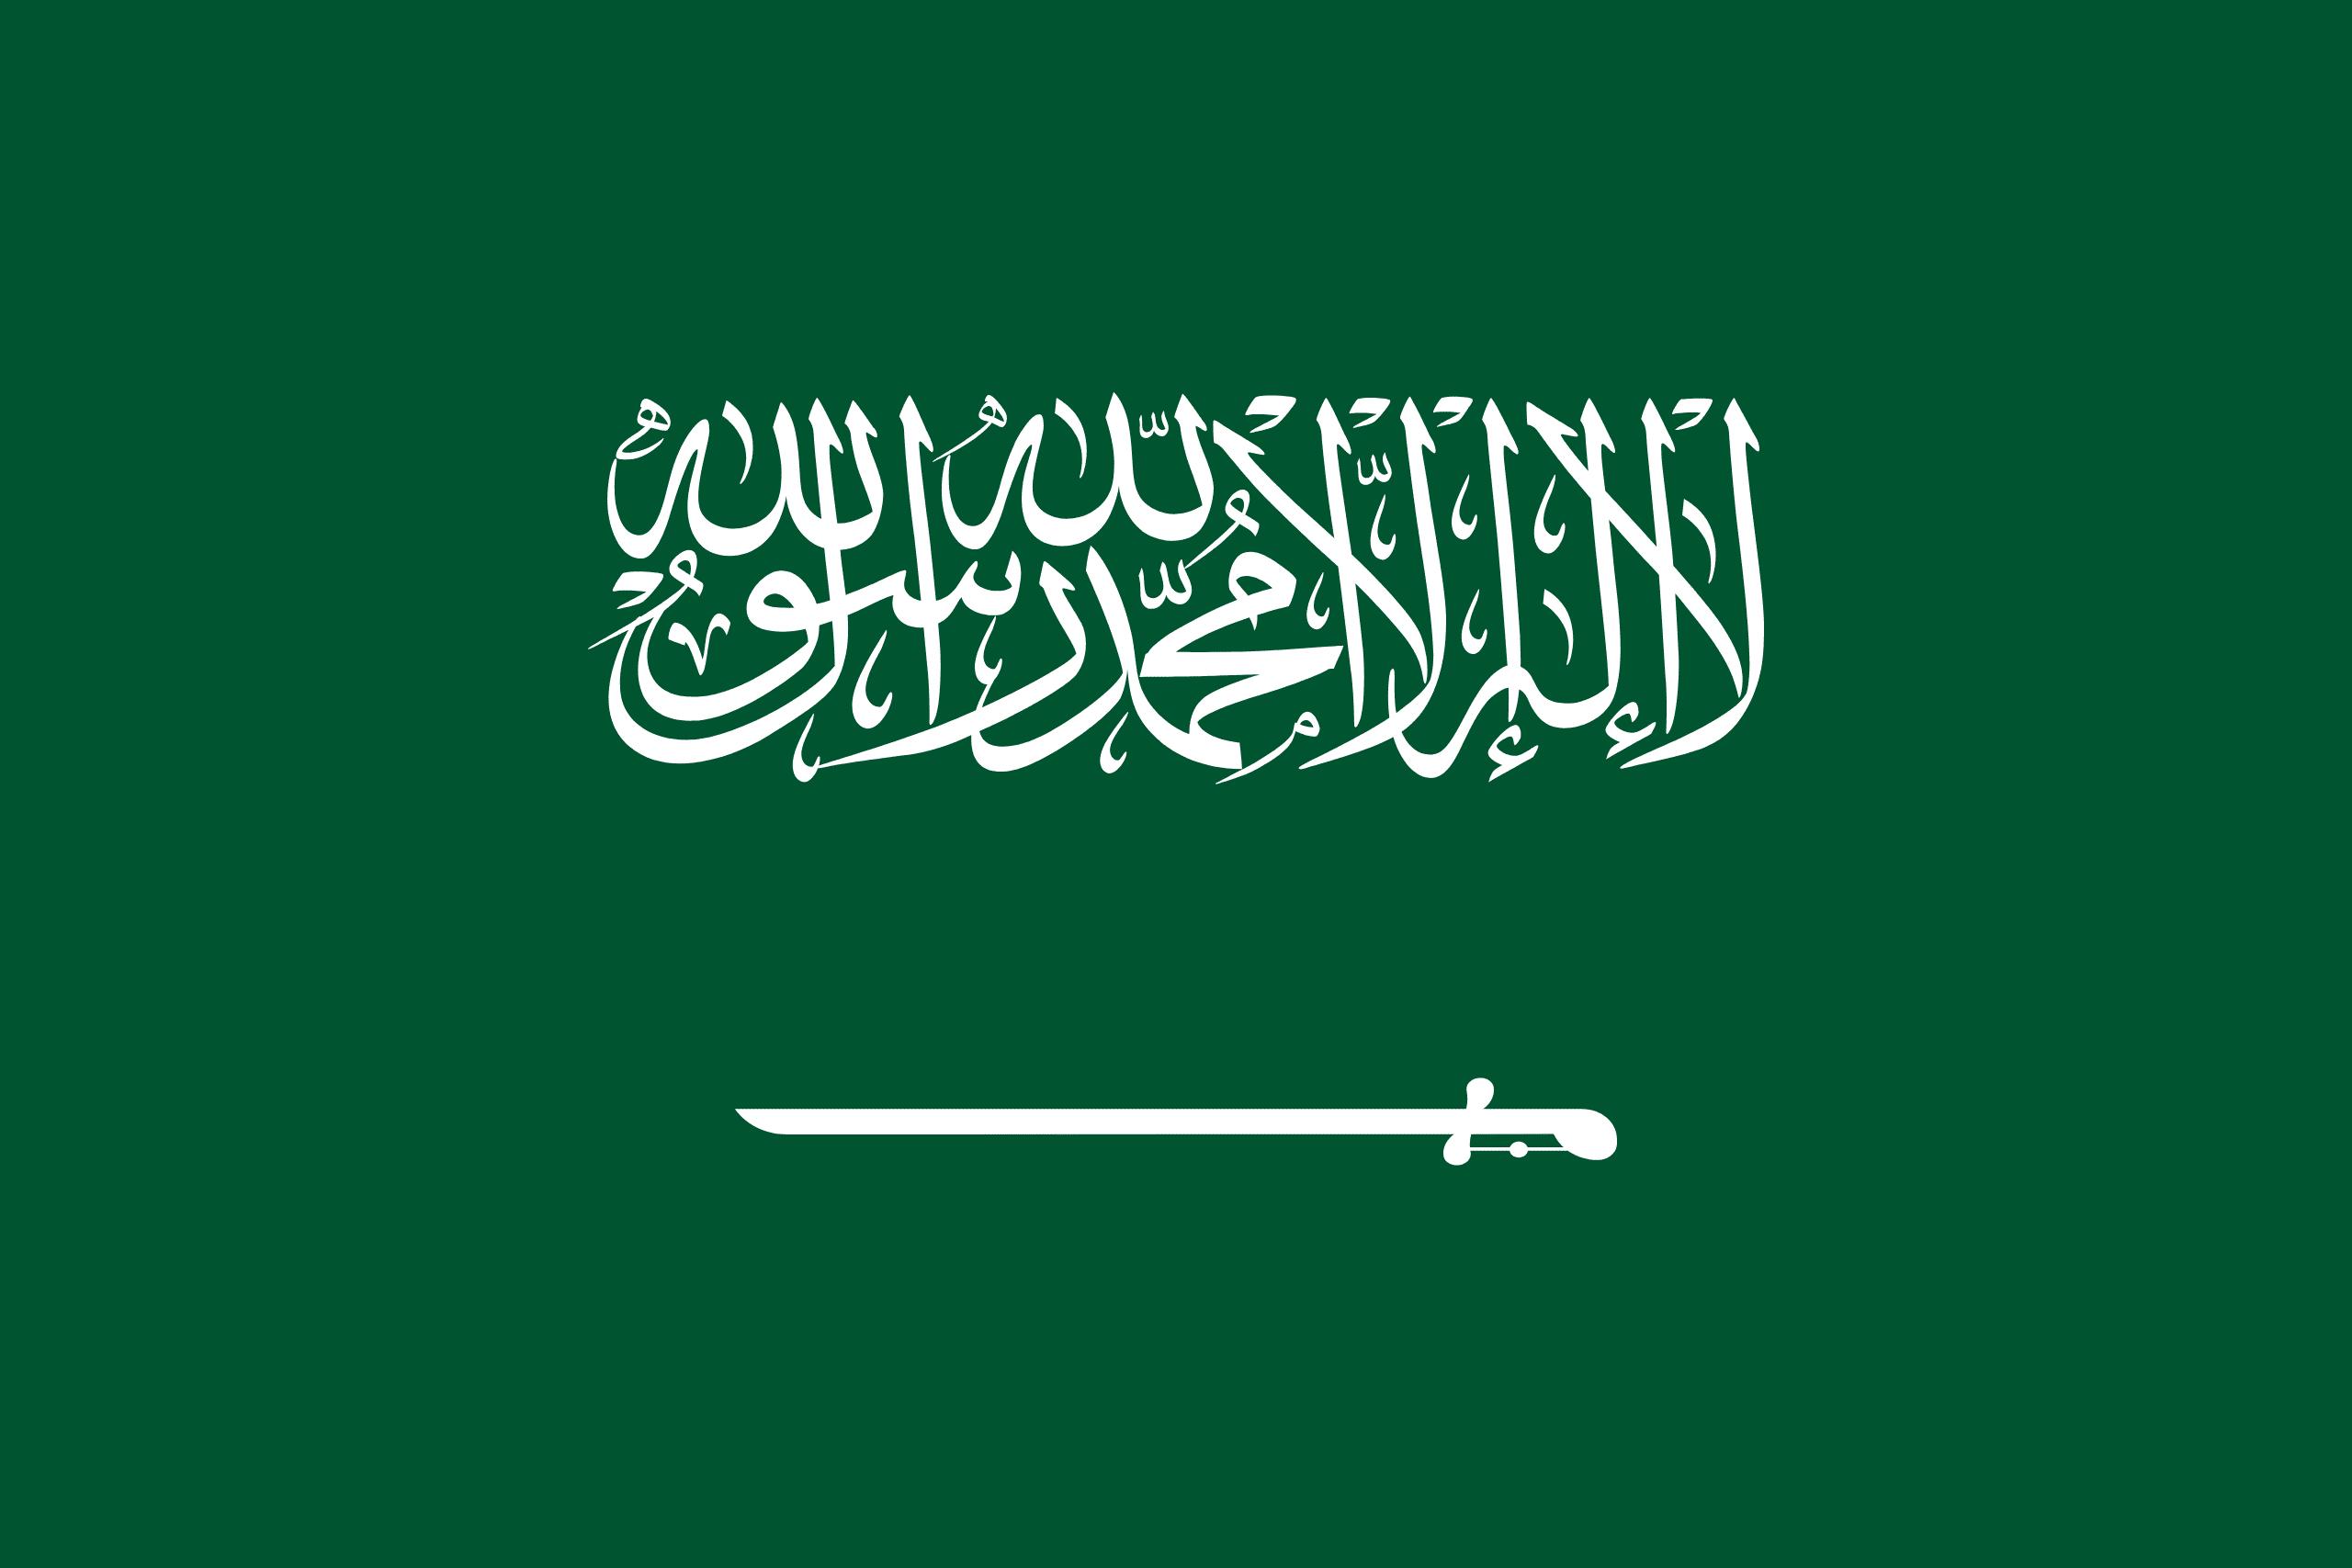 Resultado de imagen para bandera arabia saudita